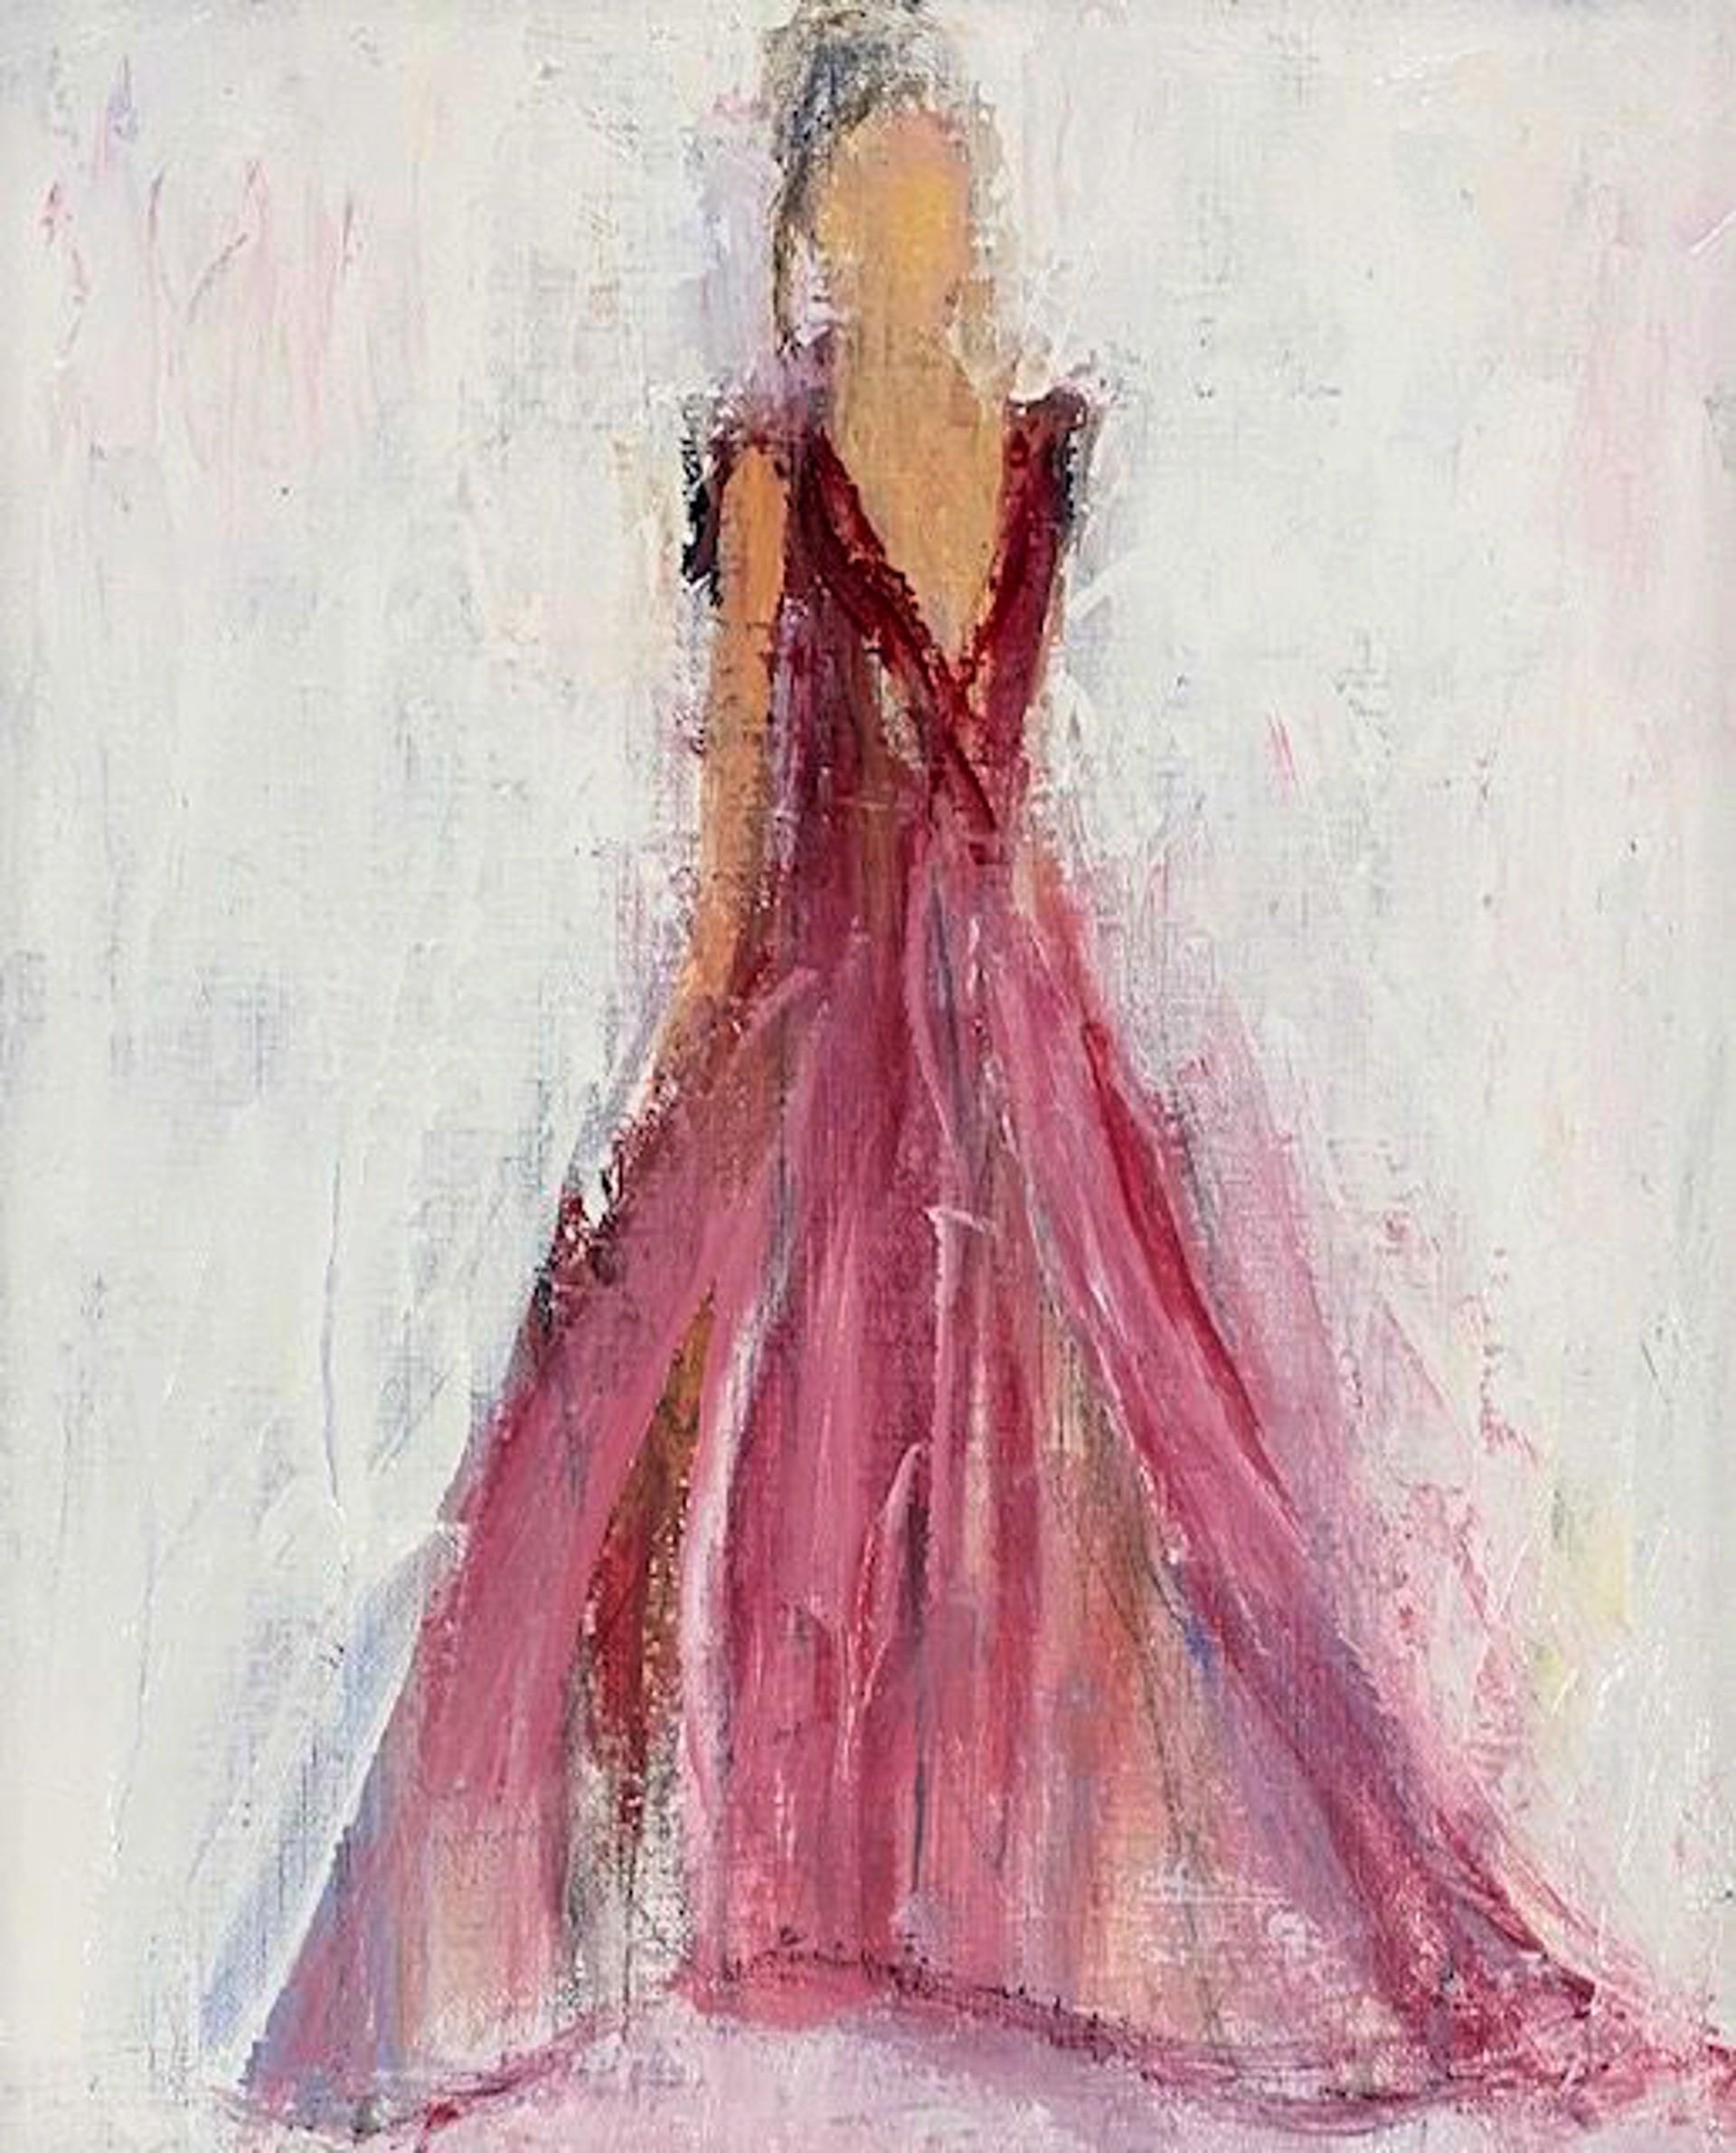 Crimson & Velvet by Holly Irwin